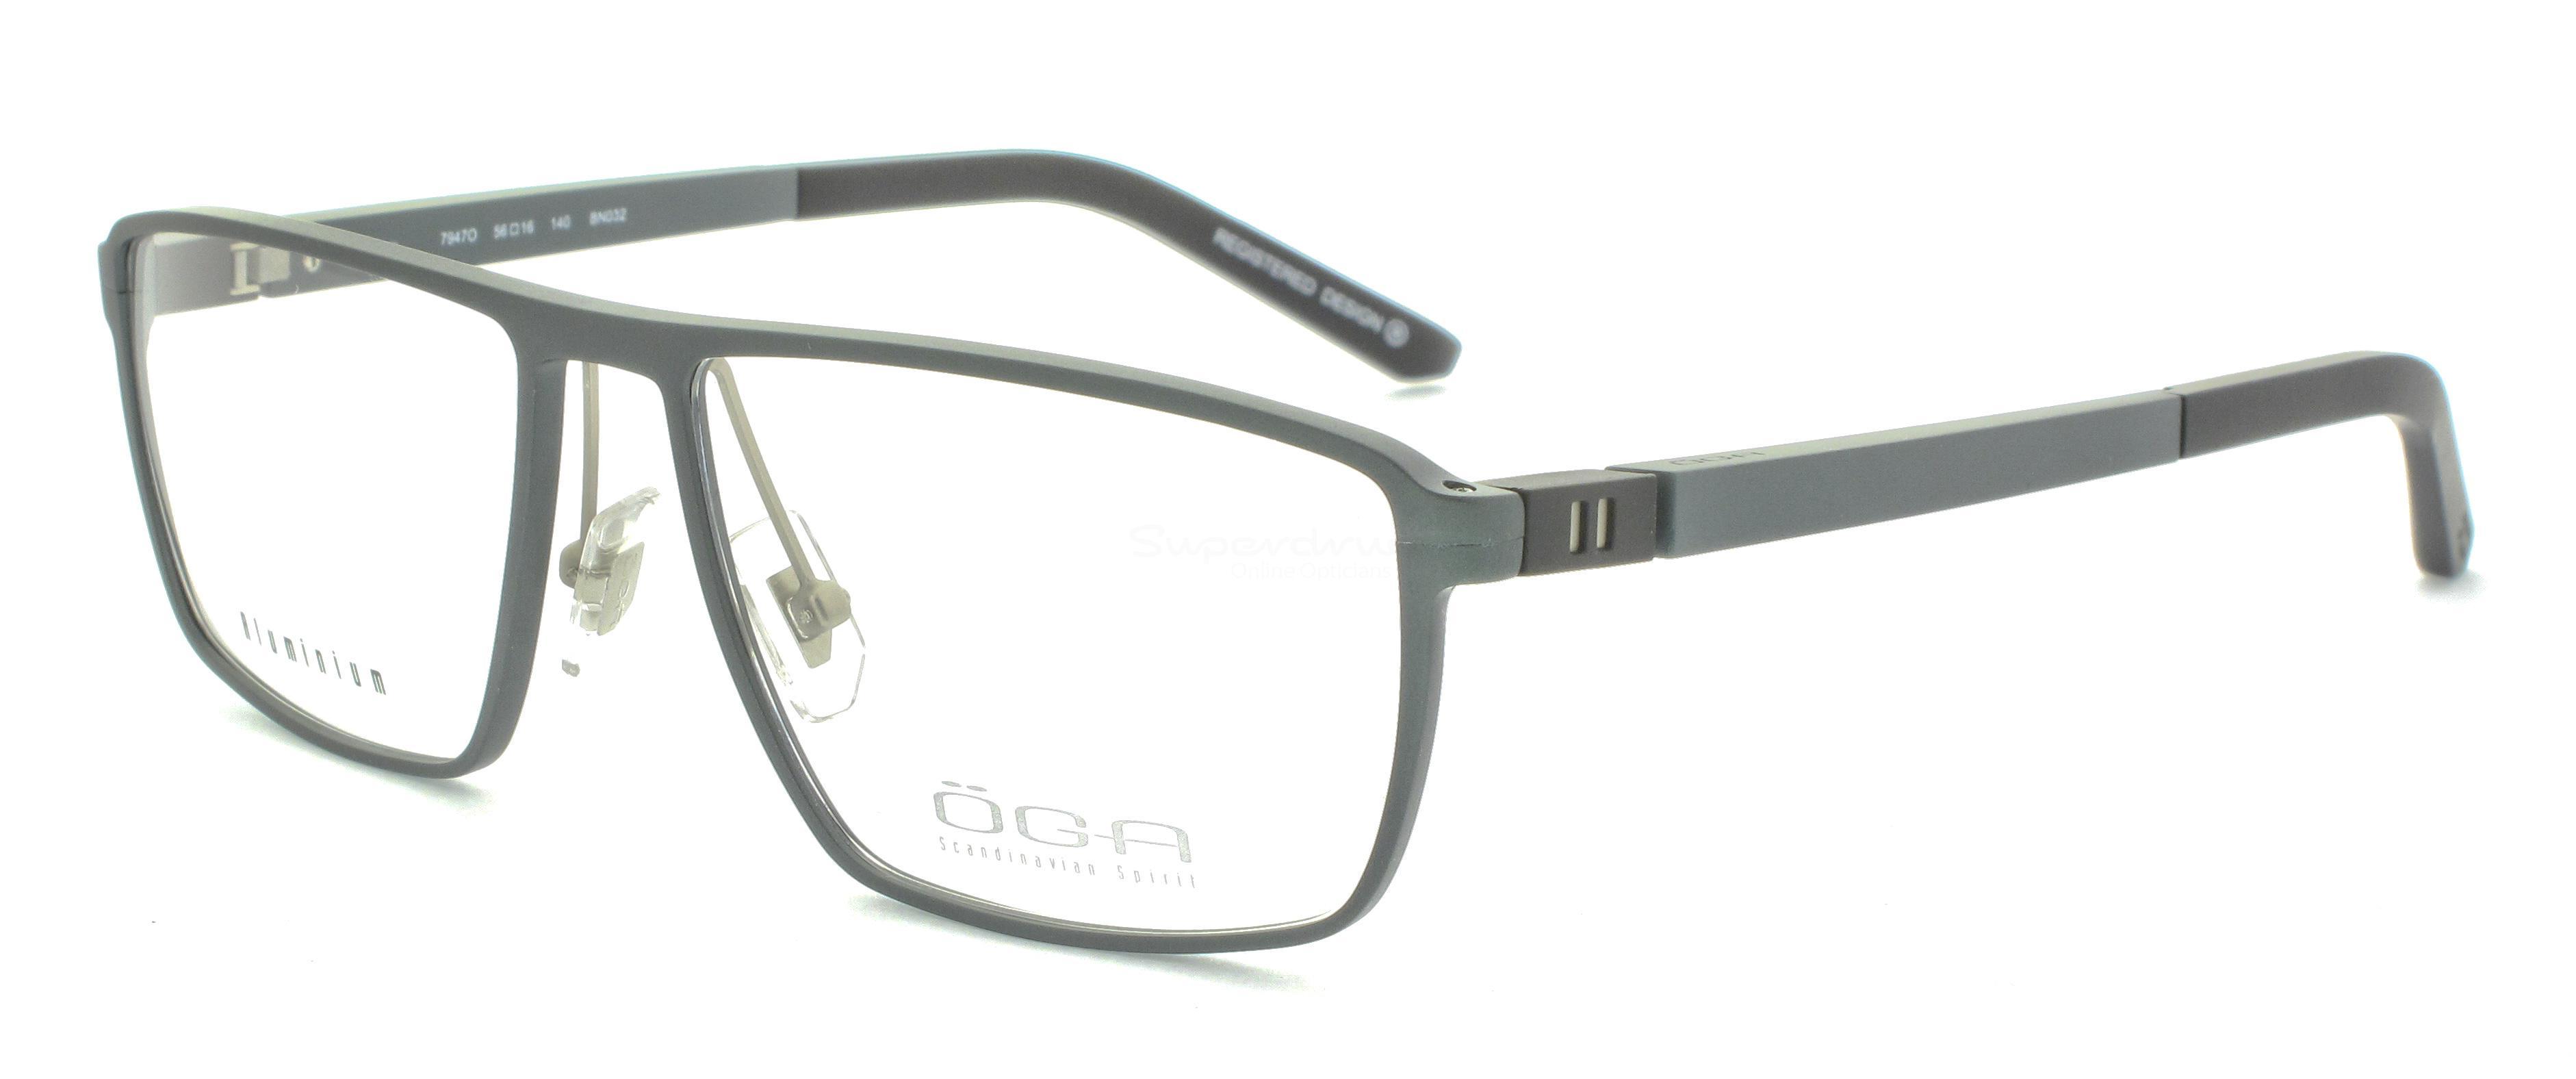 BN032 7947O SKARP (FULL  ALUMINIUM) Glasses, ÖGA Scandinavian Spirit